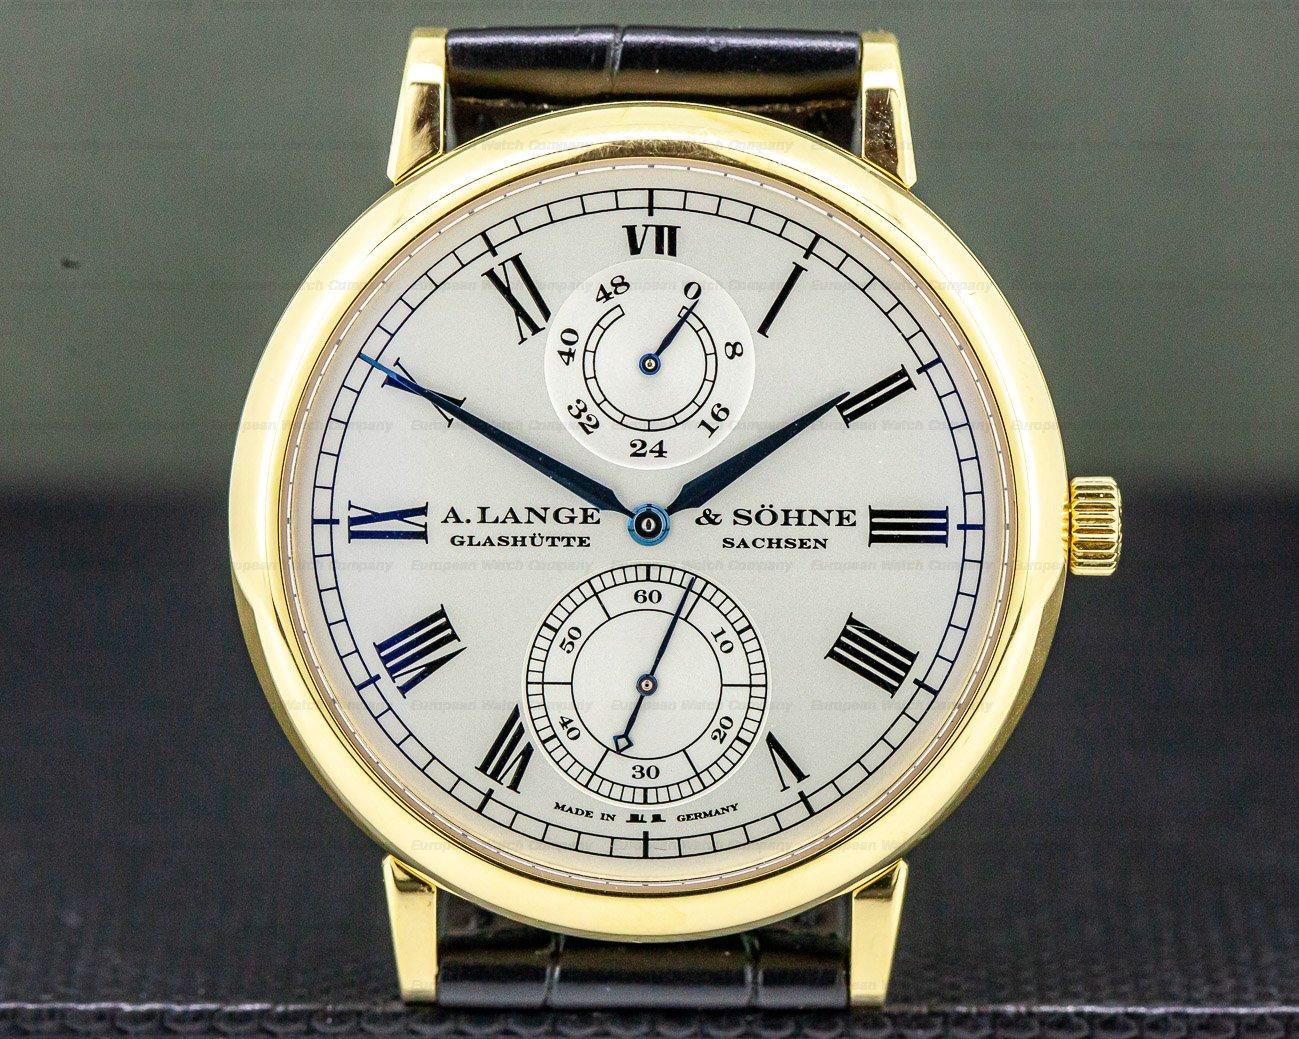 A. Lange and Sohne 304.048 Grosse Langematik Gangreserve Limited WEMPE 18k Yellow